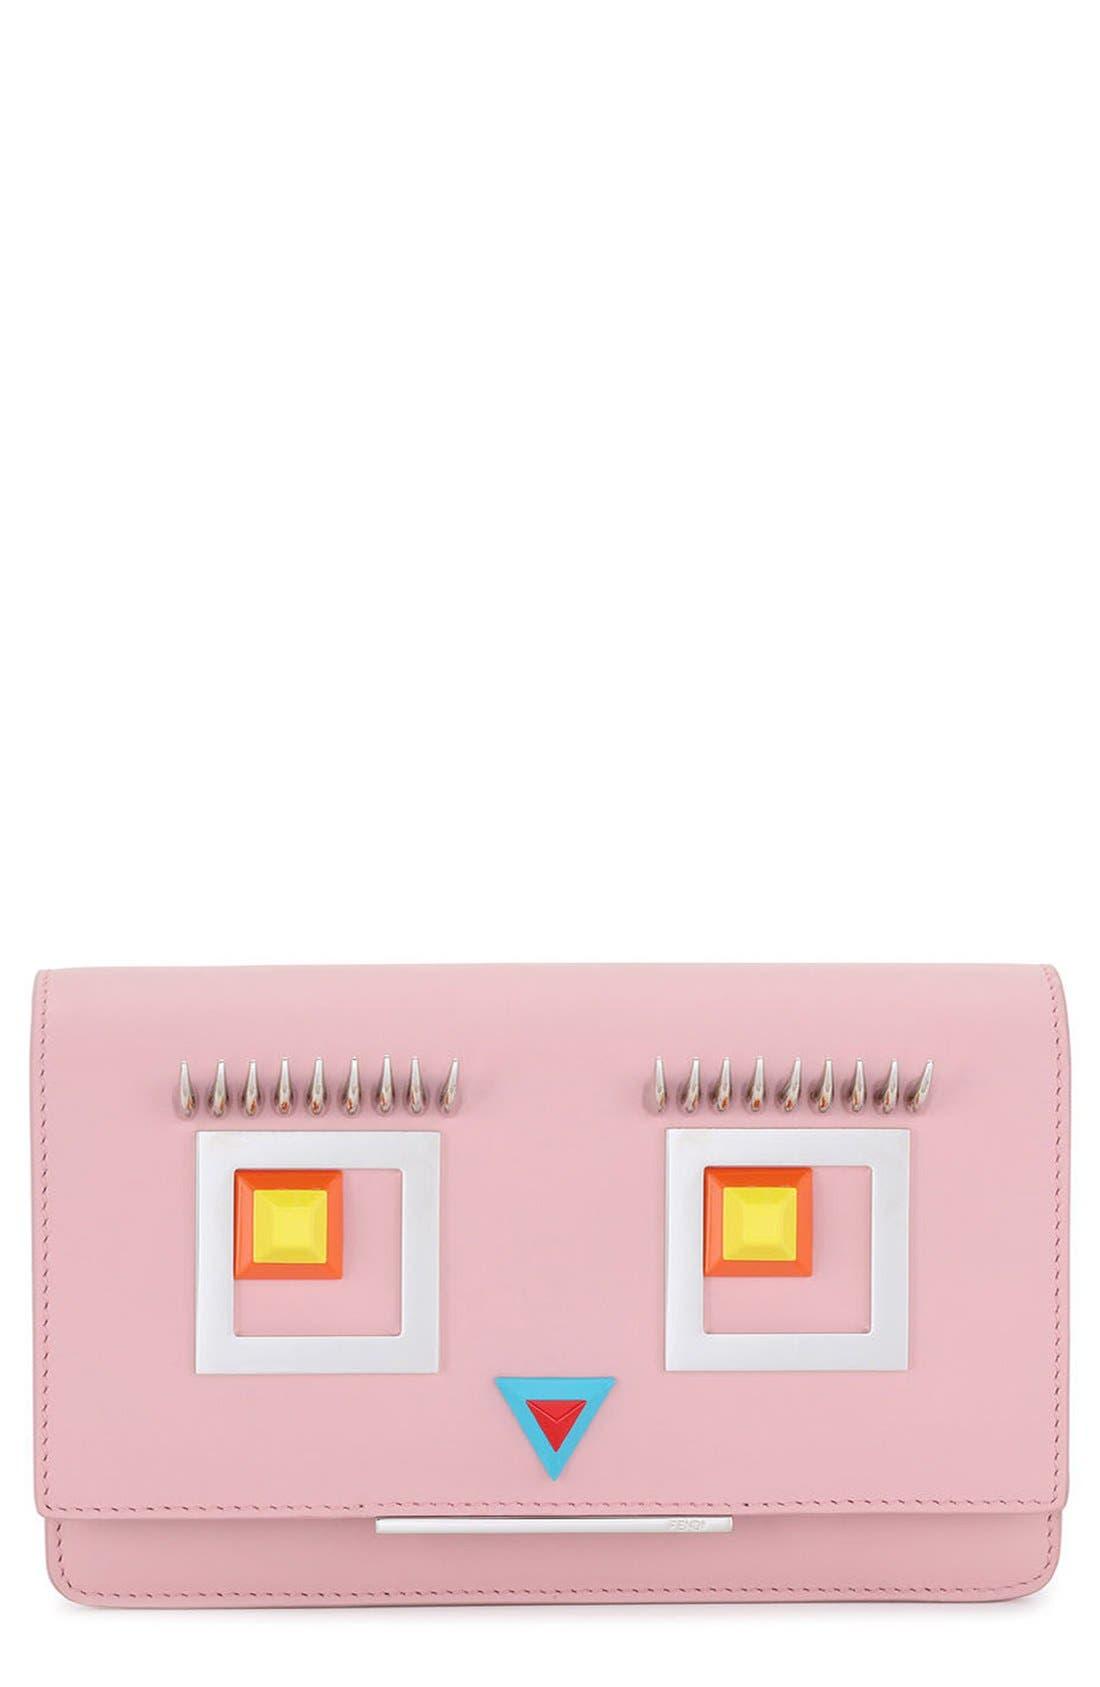 Main Image - Fendi Square Eyes Leather Wallet